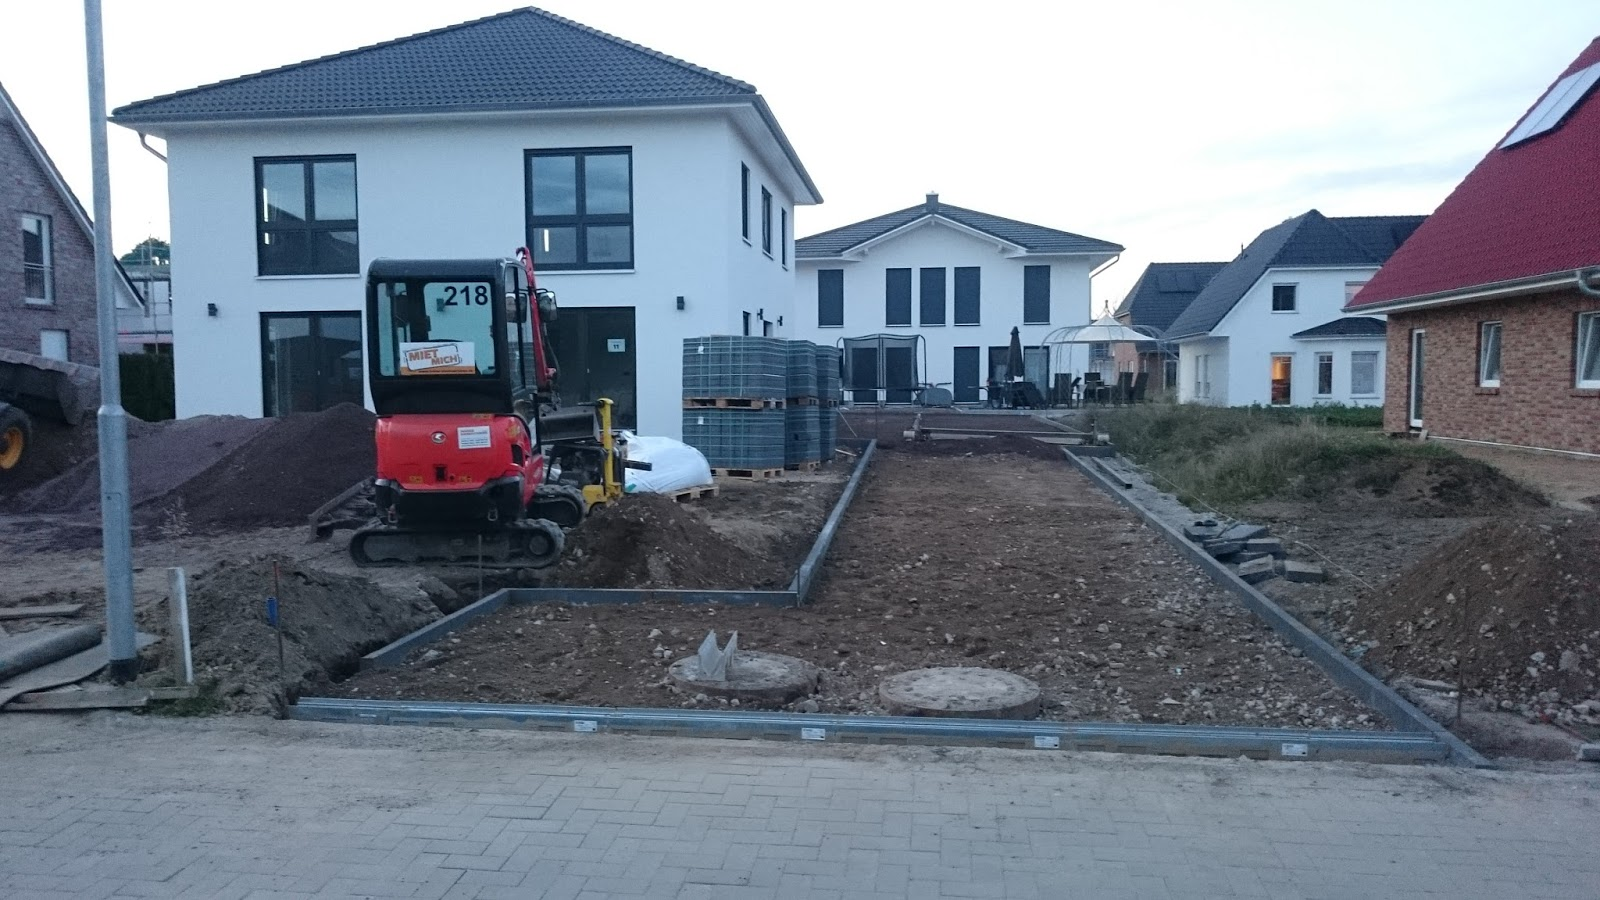 Einfahrt Schotter stadtvilla in elmenhorst stein für stein die einfahrt entsteht